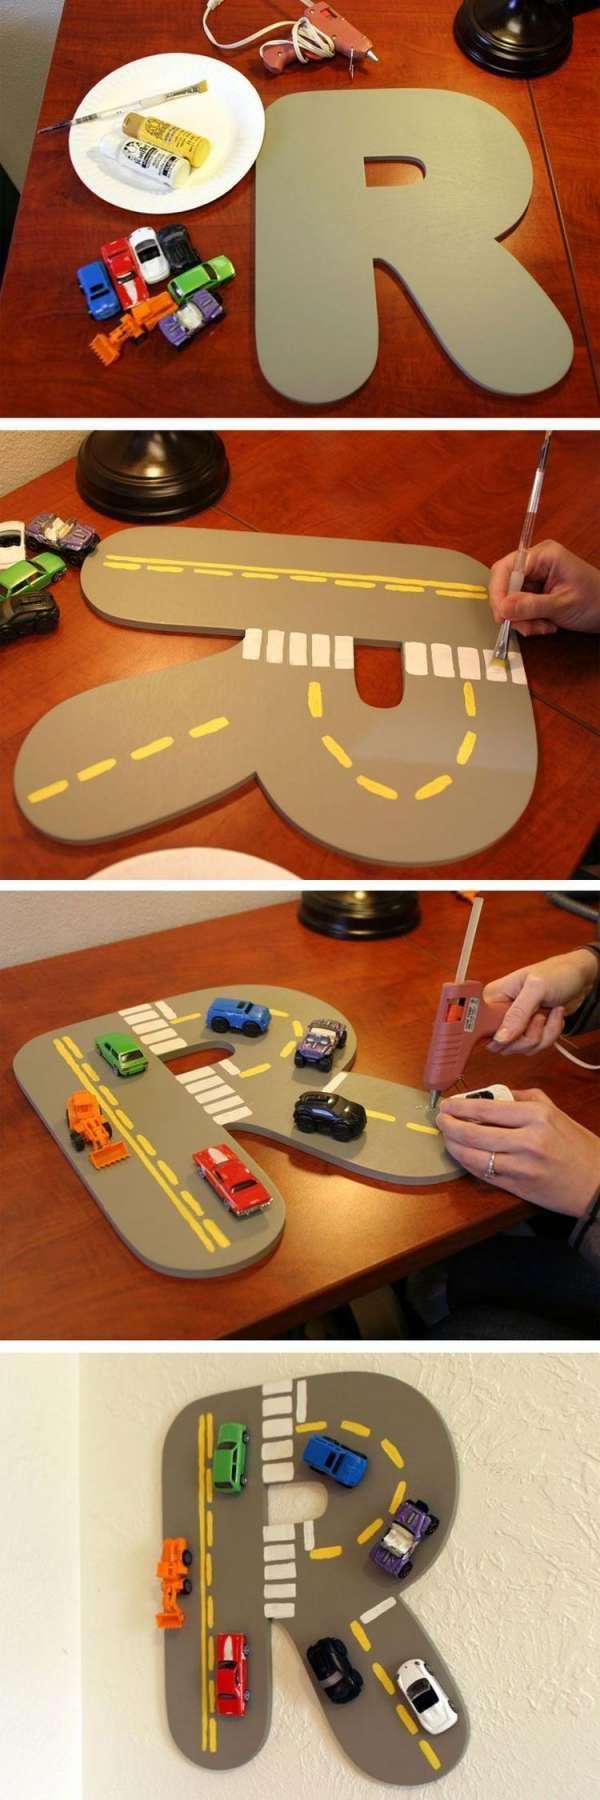 Décoration de chambre pour amateurs de petites voitures - 18 décorations DIY originales avec des lettres et des initiales